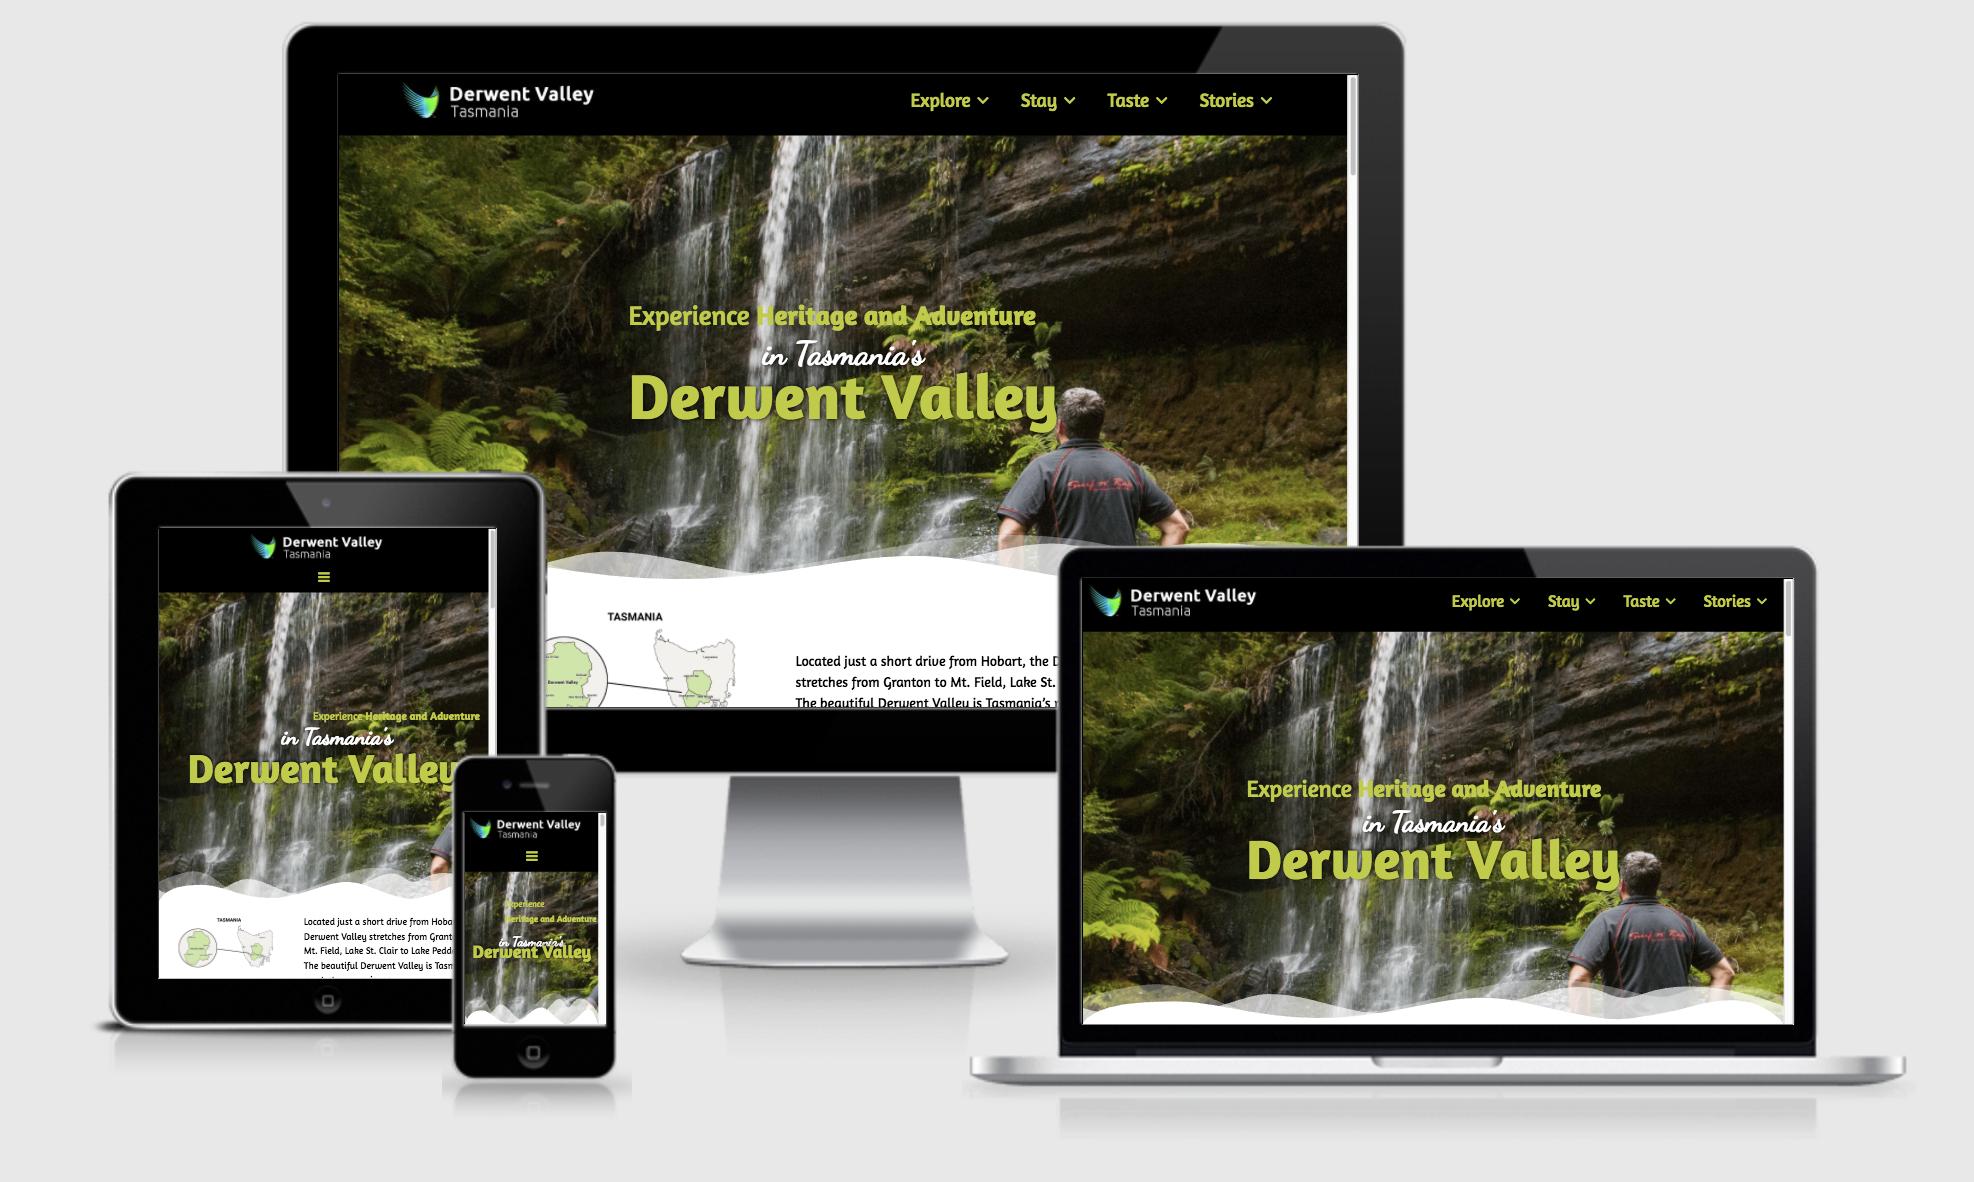 Client - Derwent Valley Tasmania